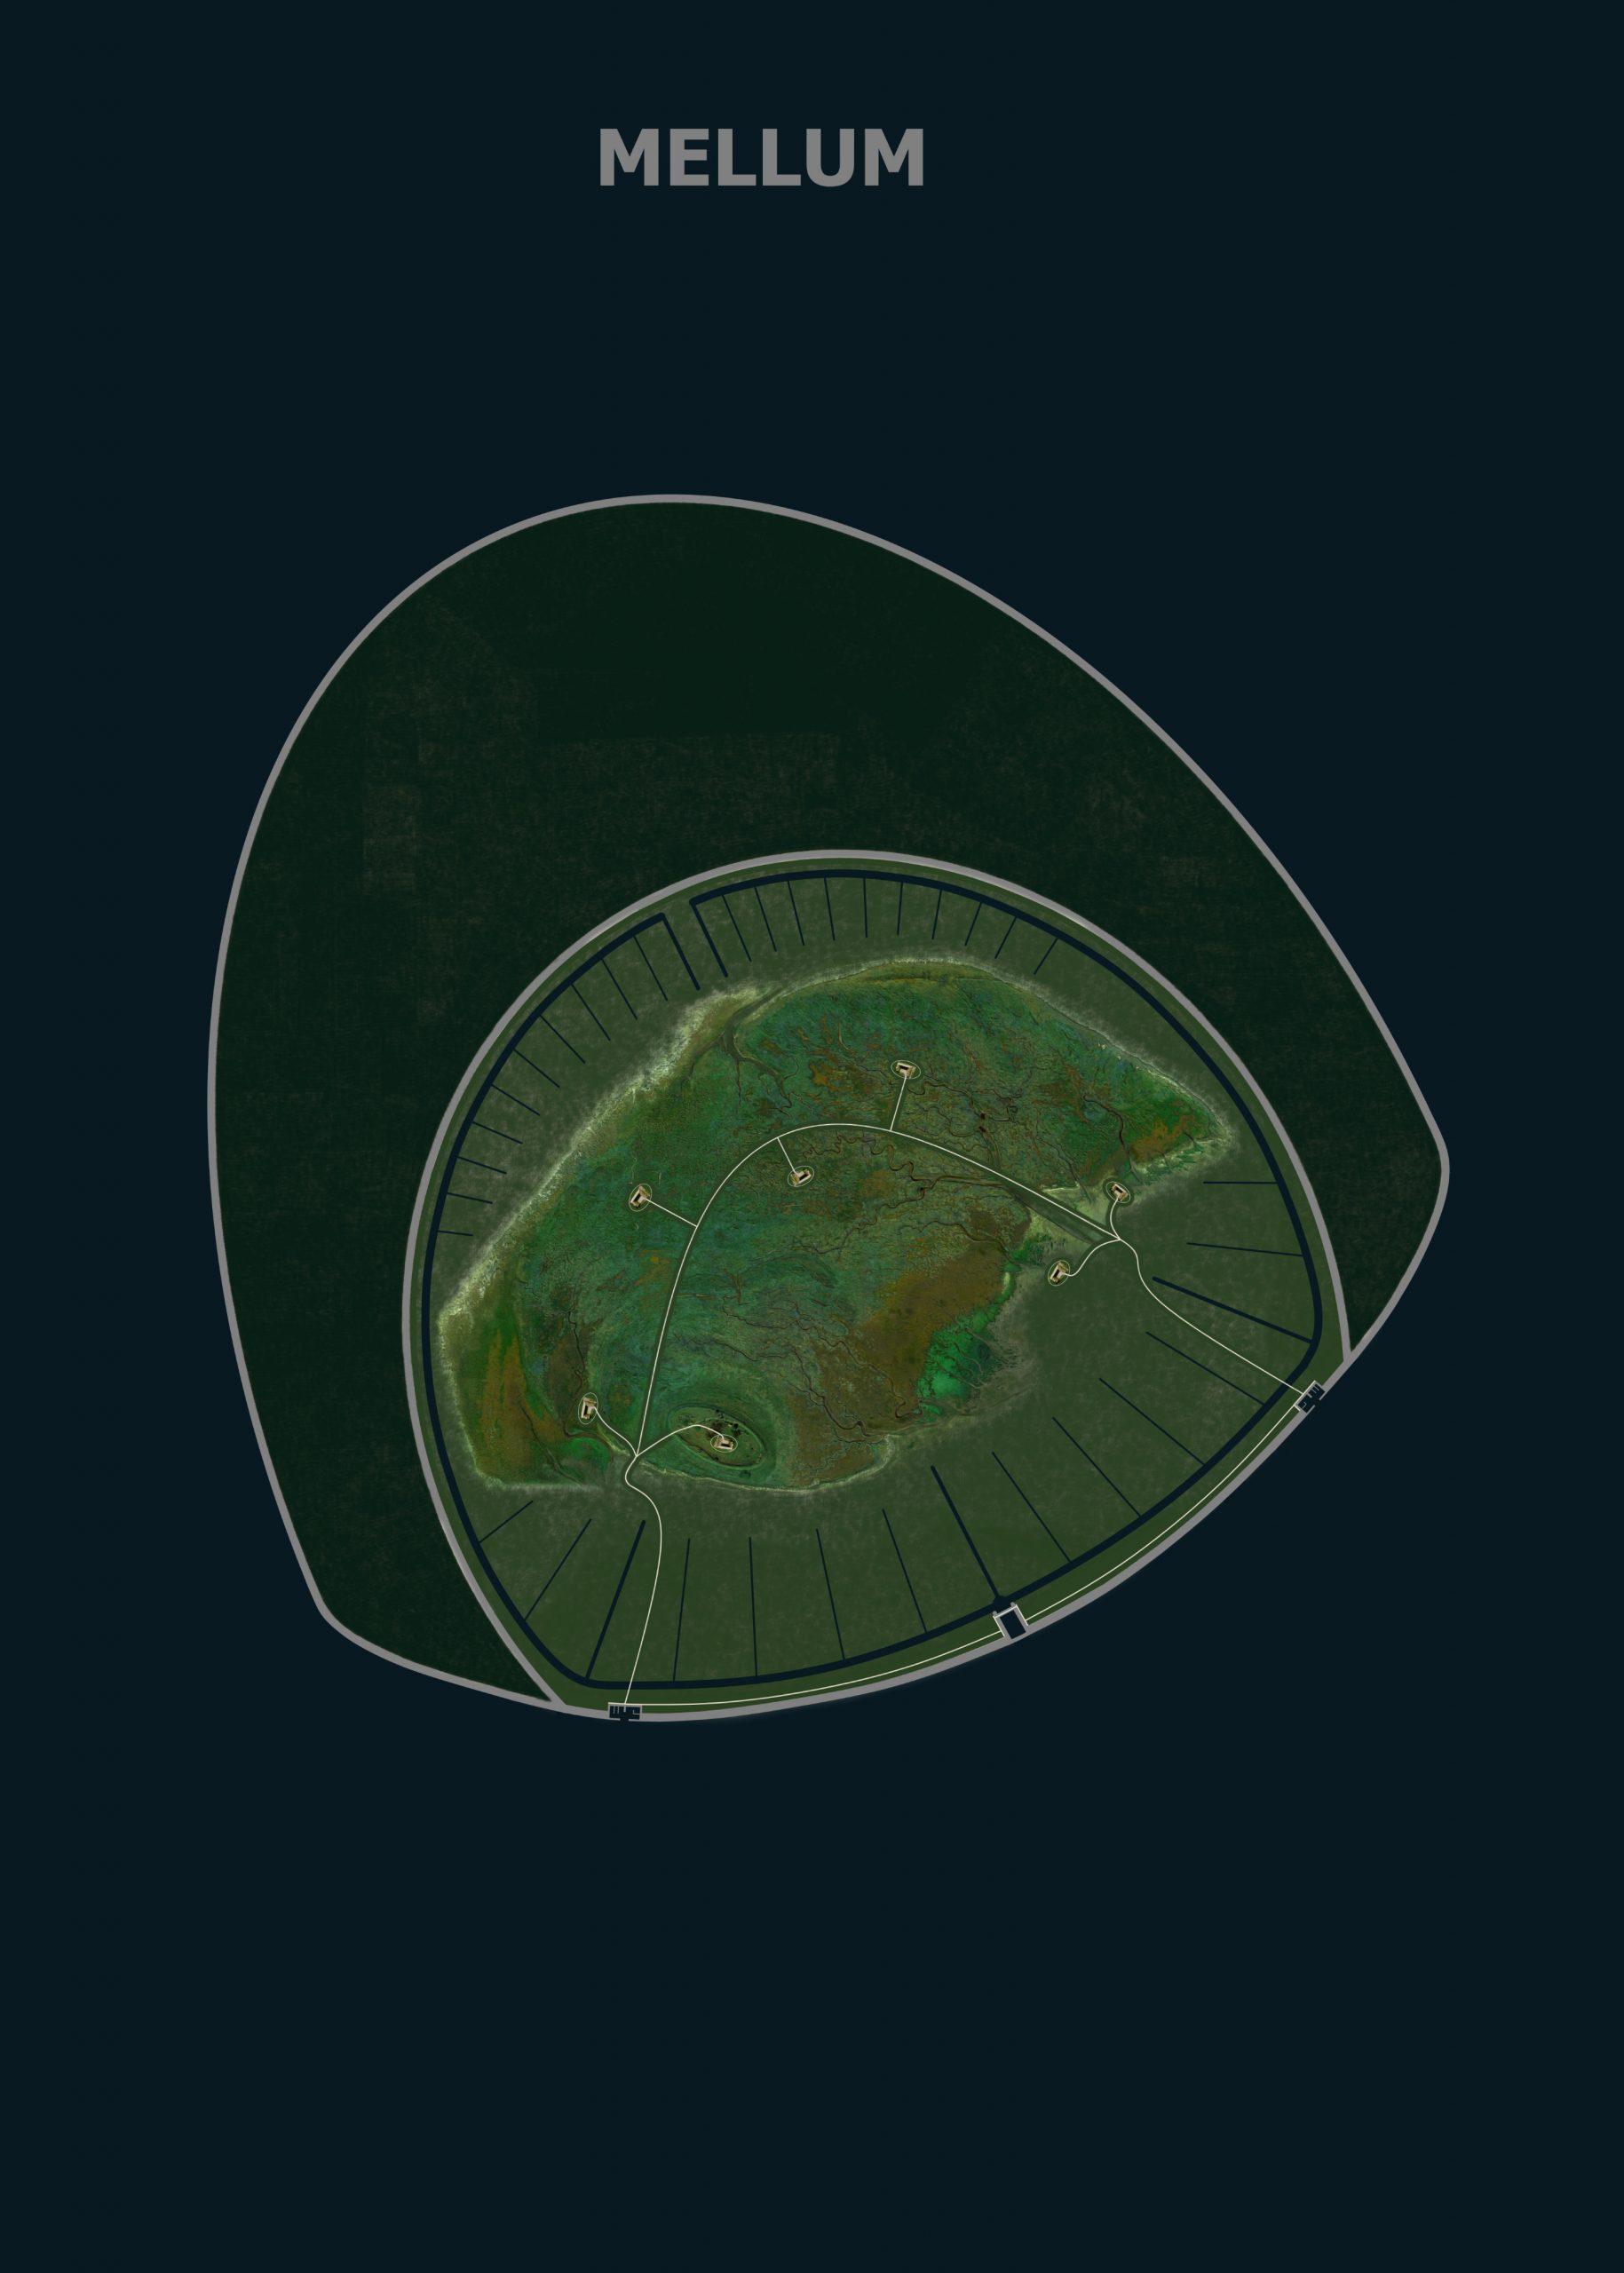 mellum, landgewinnung, küstenschutz, insel, eindeichung, naturschutz, sturmflut, vergrößerung